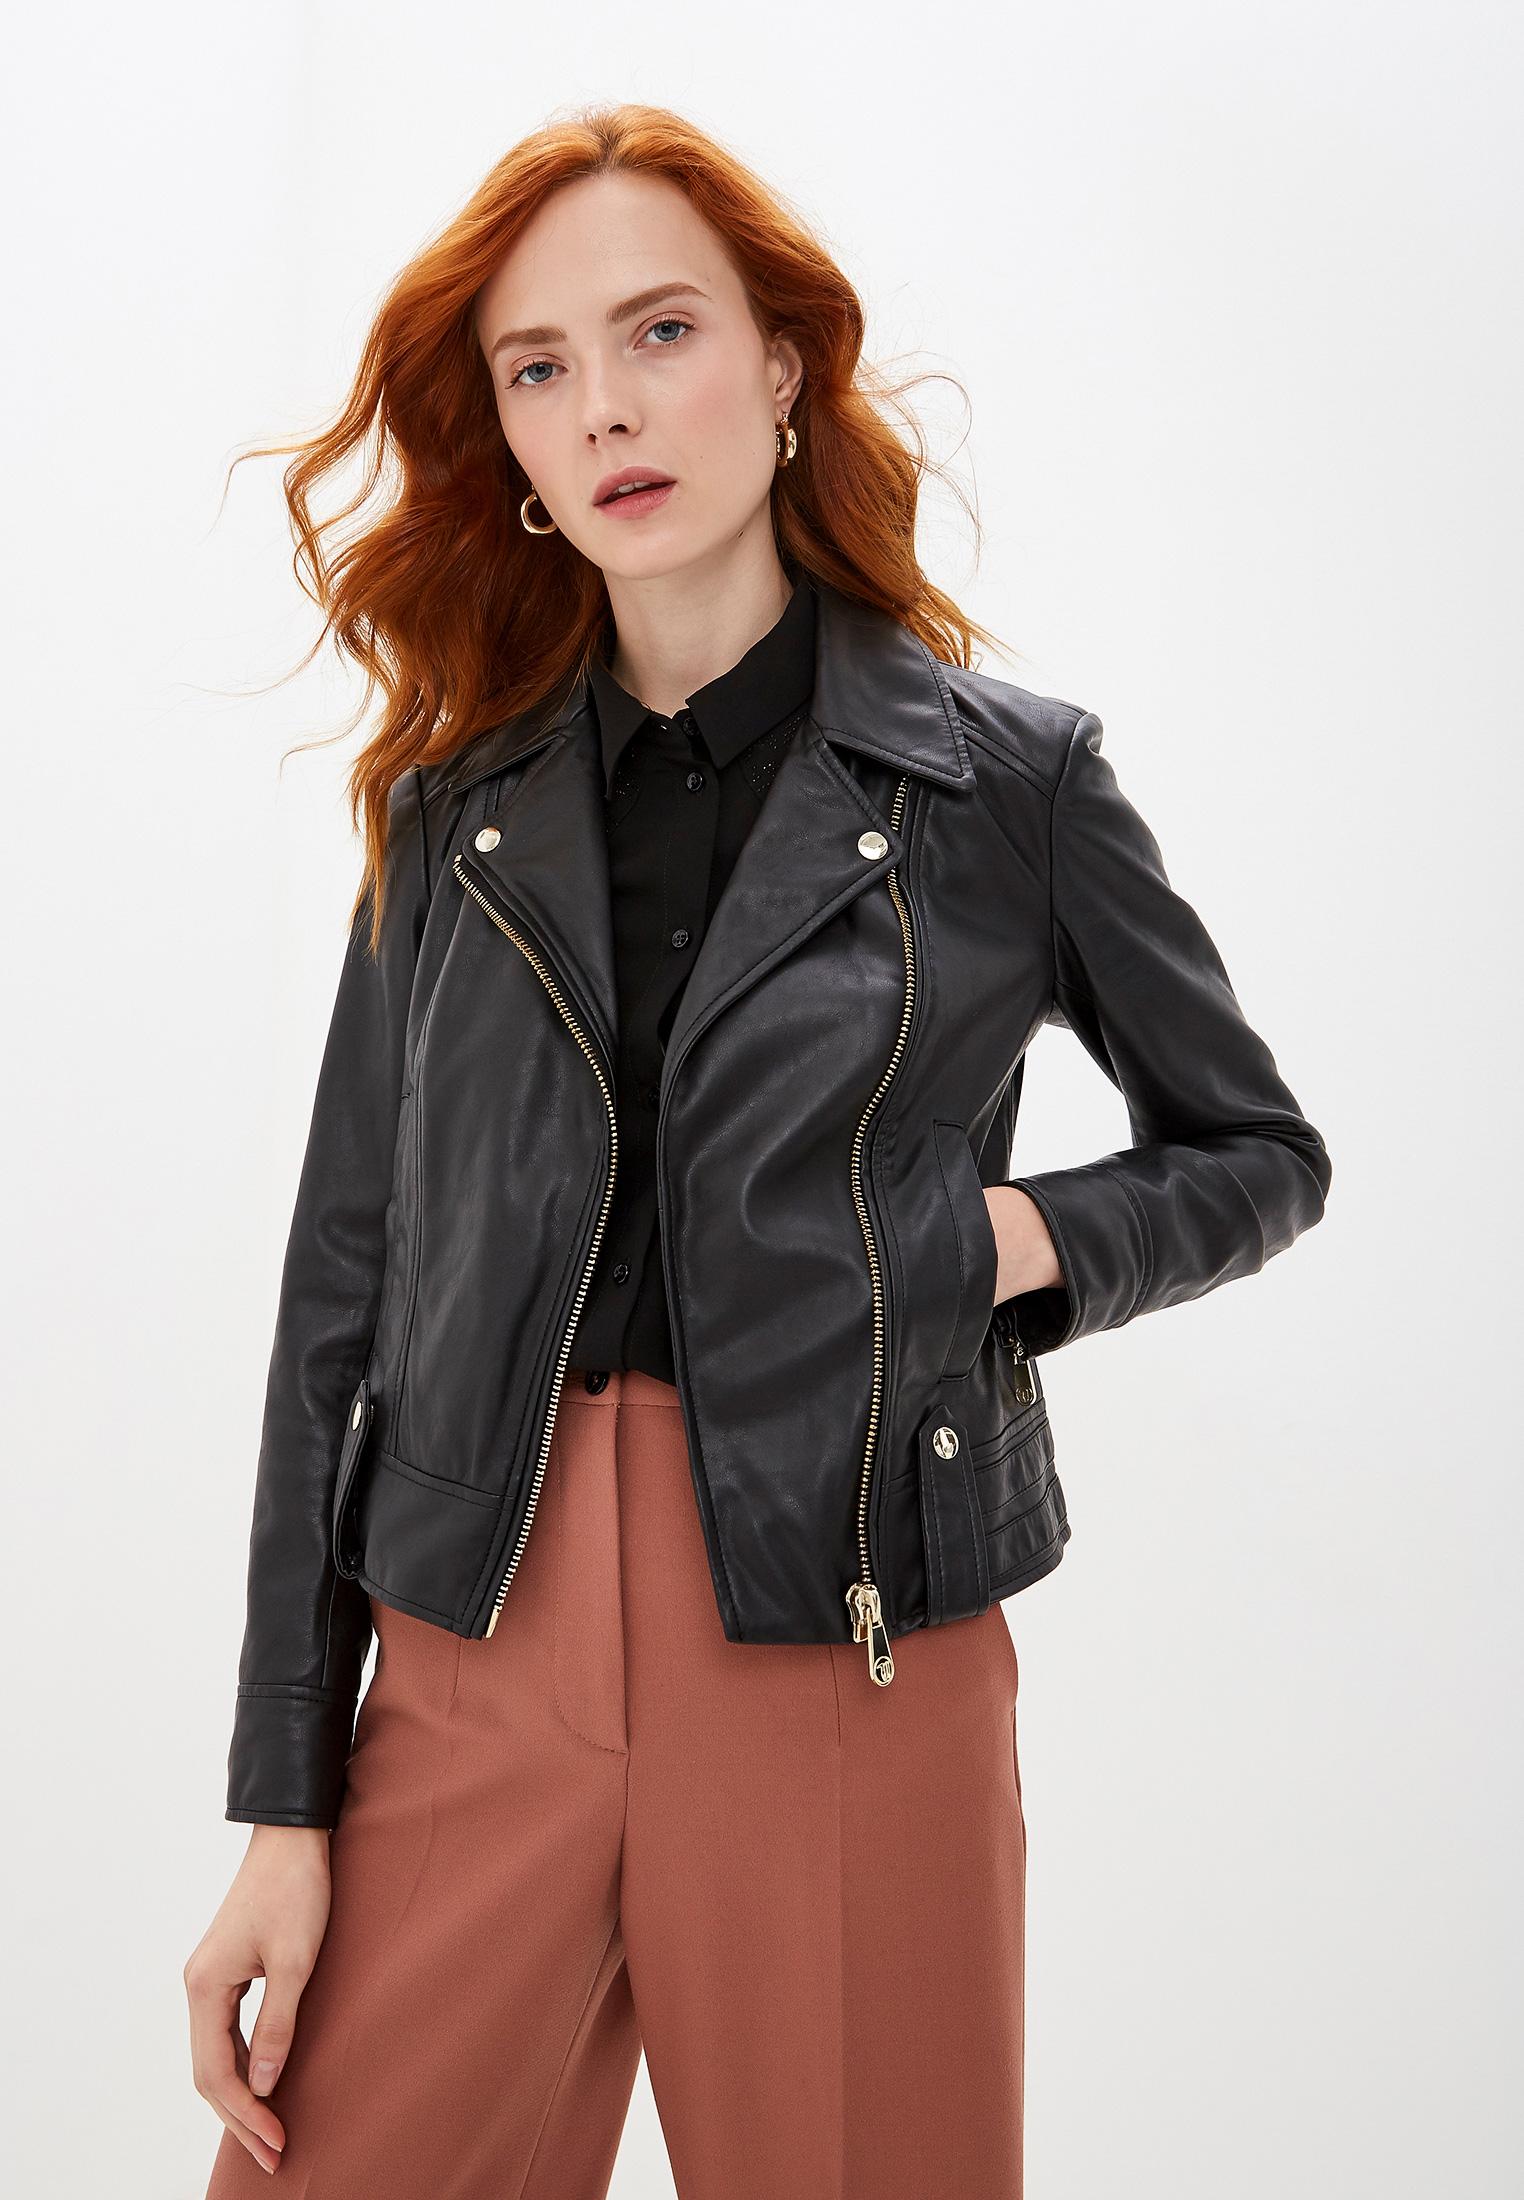 Куртка кожаная, Trussardi Jeans, цвет: черный. Артикул: TR016EWFTBR1. Одежда / Верхняя одежда / Косухи